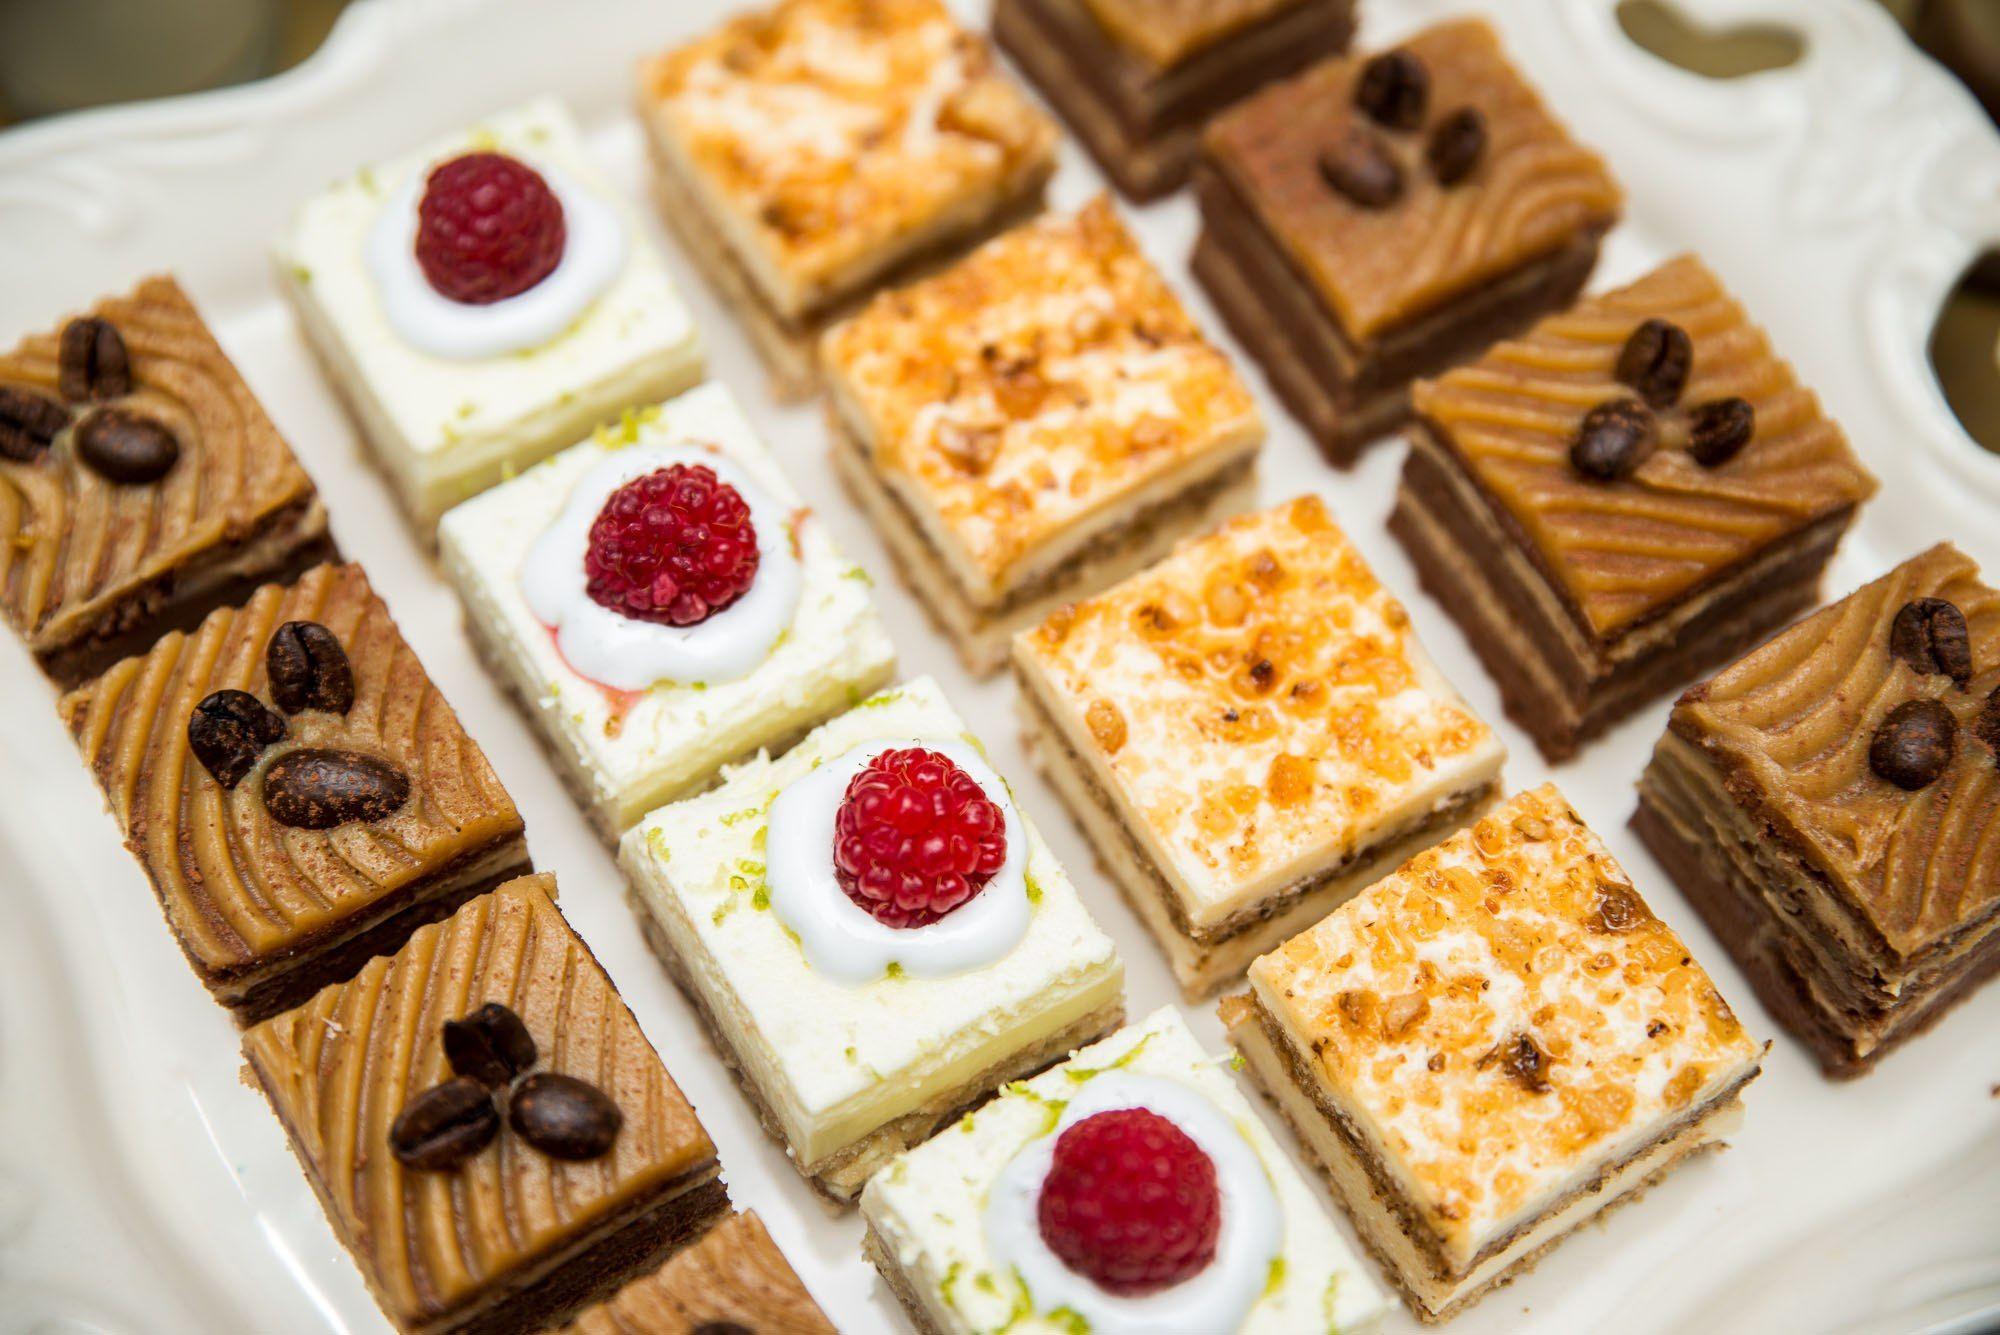 Imagini pentru imagini cu prăjituri